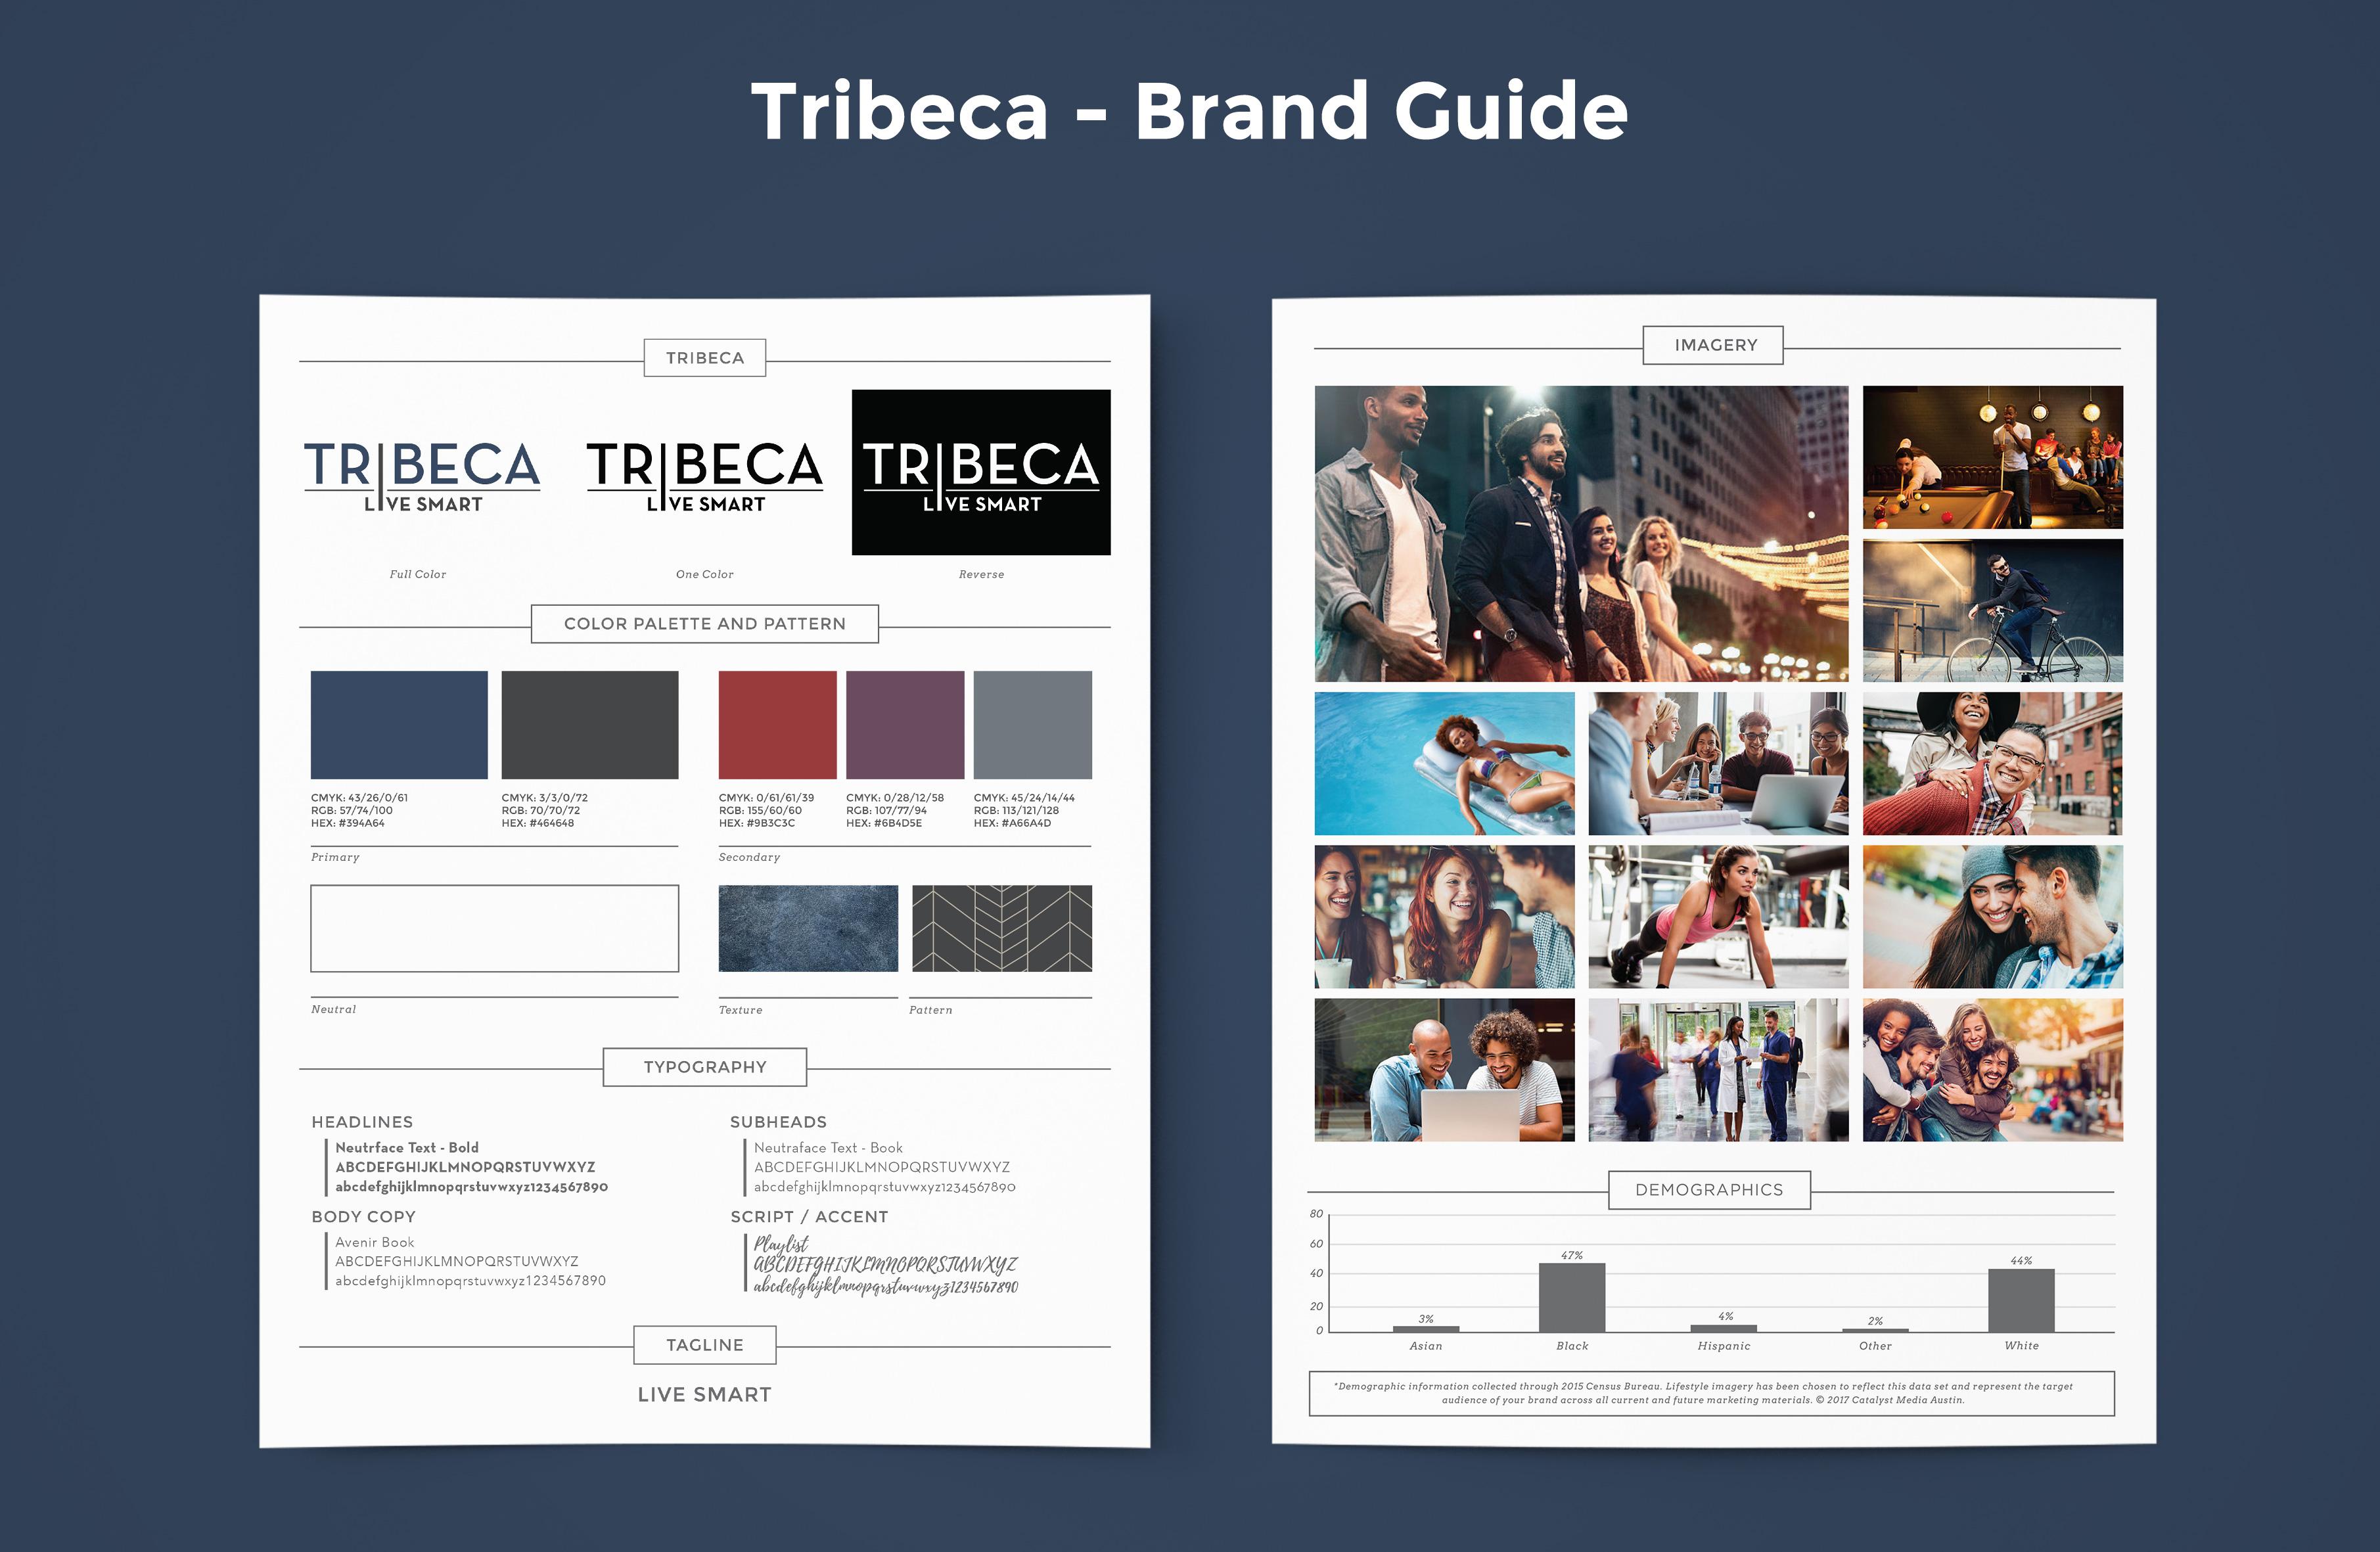 Tribeca BrandGuide